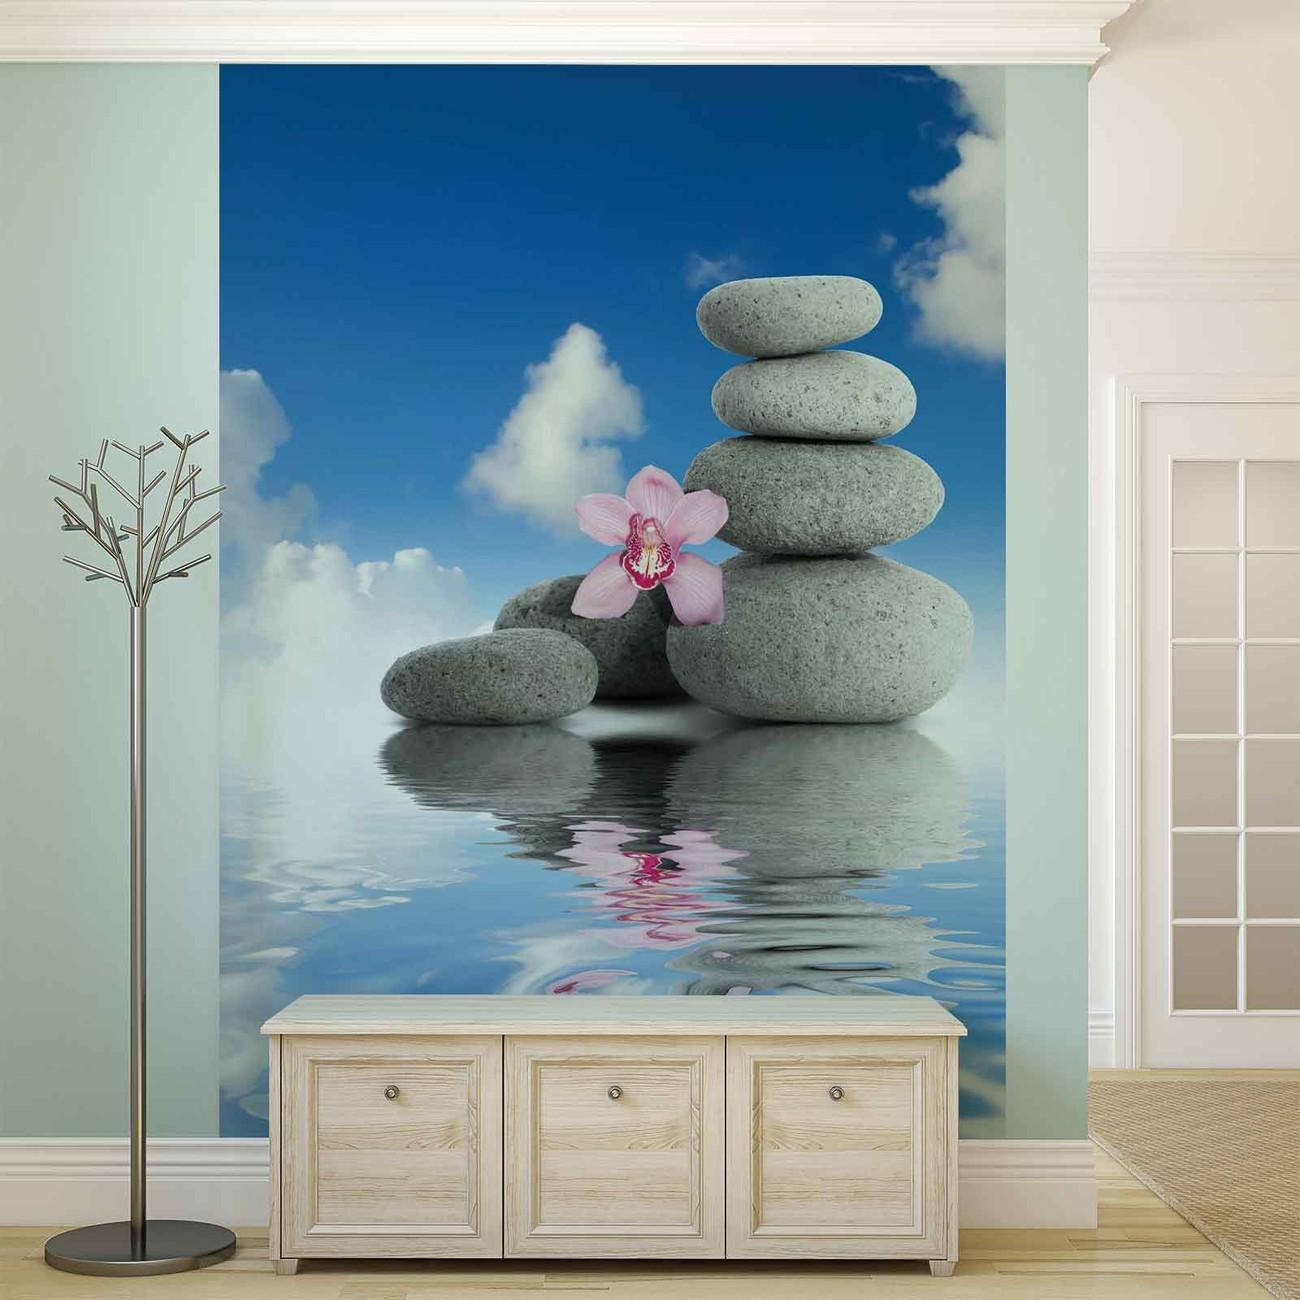 Zen Water Stones Orchid Sky Wall Paper Mural